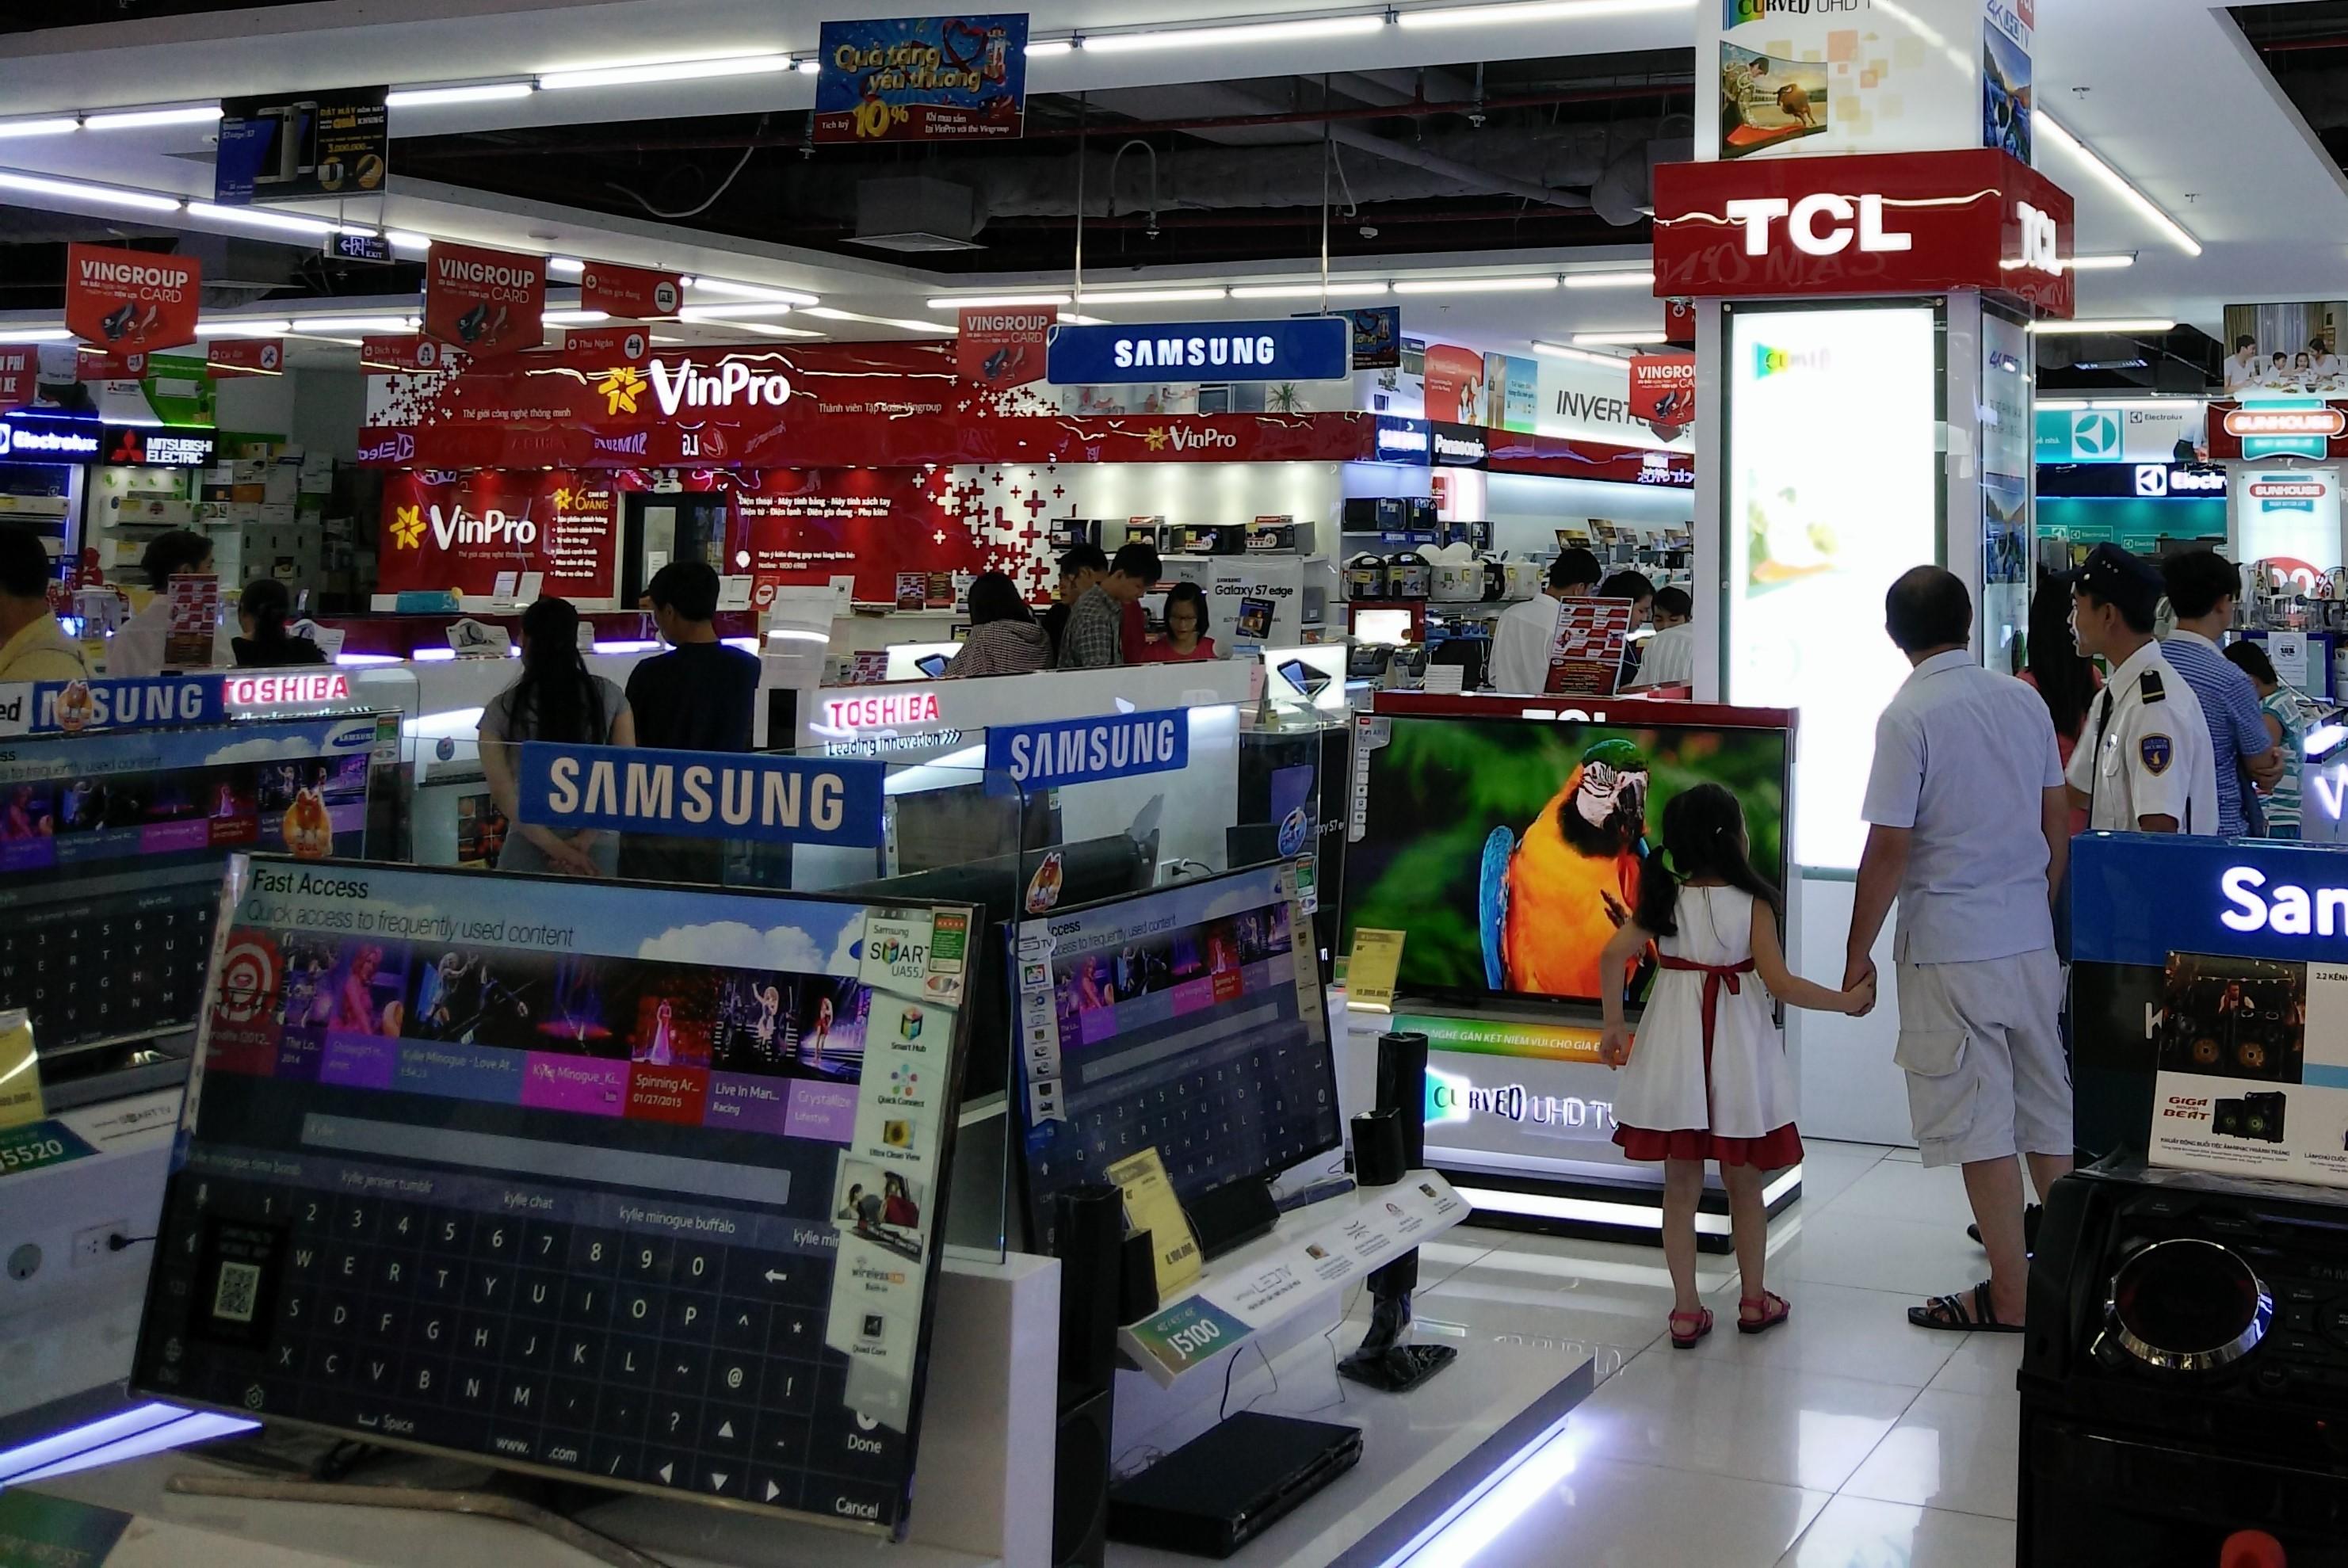 Tivi Ma Mua Sm Cui Nm Lg Game Led Tv 43 Inch 43lh511t Th Phn Ti Trng Vit Nam Trong 2016 Vn Do Ba Thng Hiu Samsung Sony V Cn Li L Ca Cc Nh Asanzo Tcl